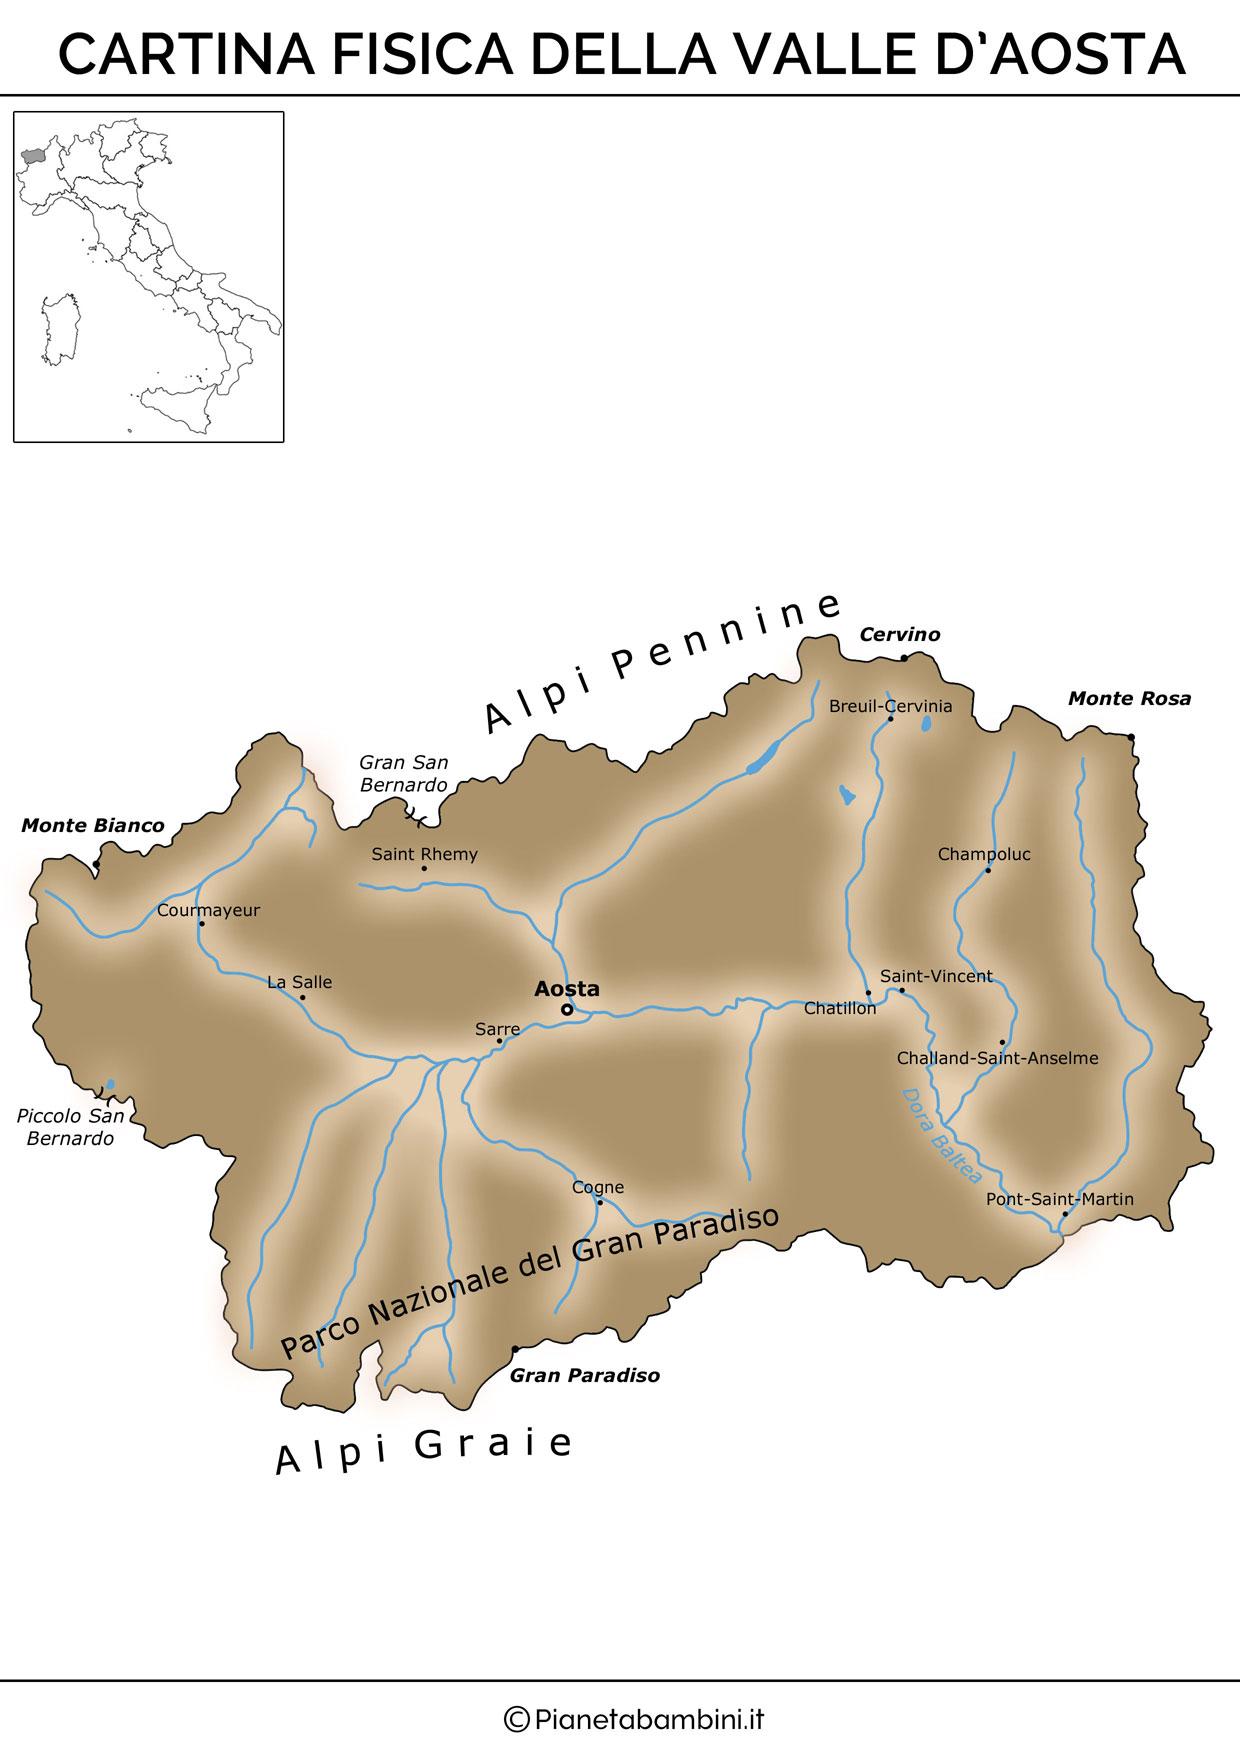 Cartina fisica della Valle D'Aosta da stampare gratis